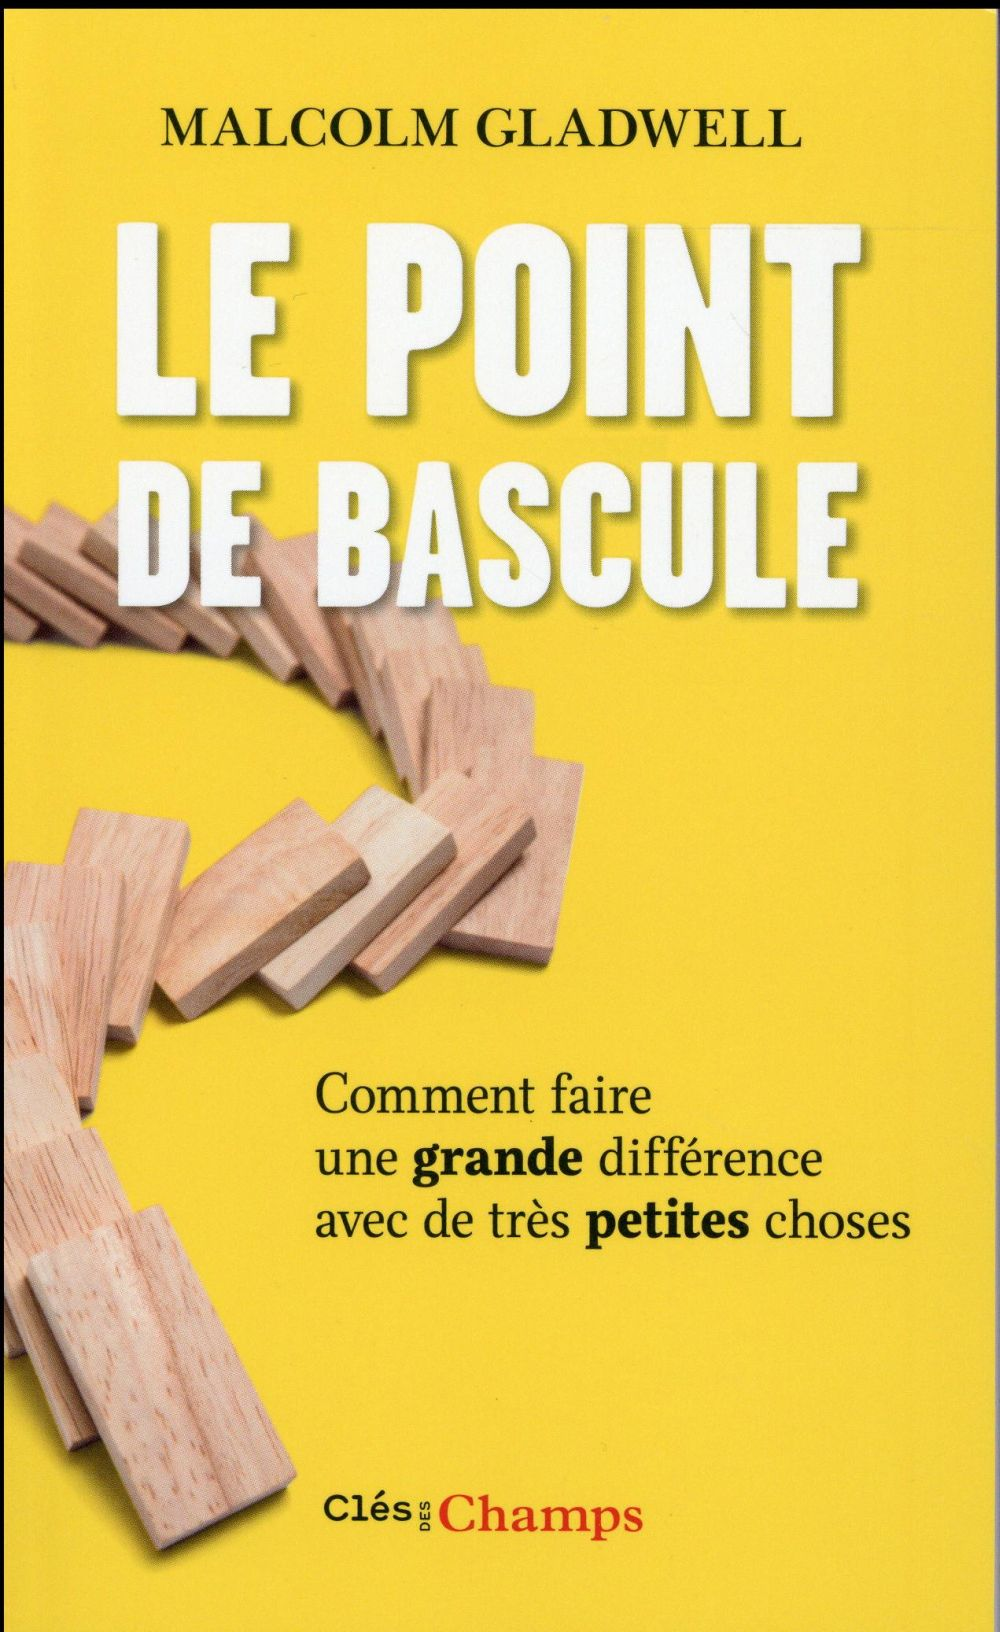 LE POINT DE BASCULE - COMMENT FAIRE UNE GRANDE DIFFERENCE AVEC DE TRES PETITES CHOSES